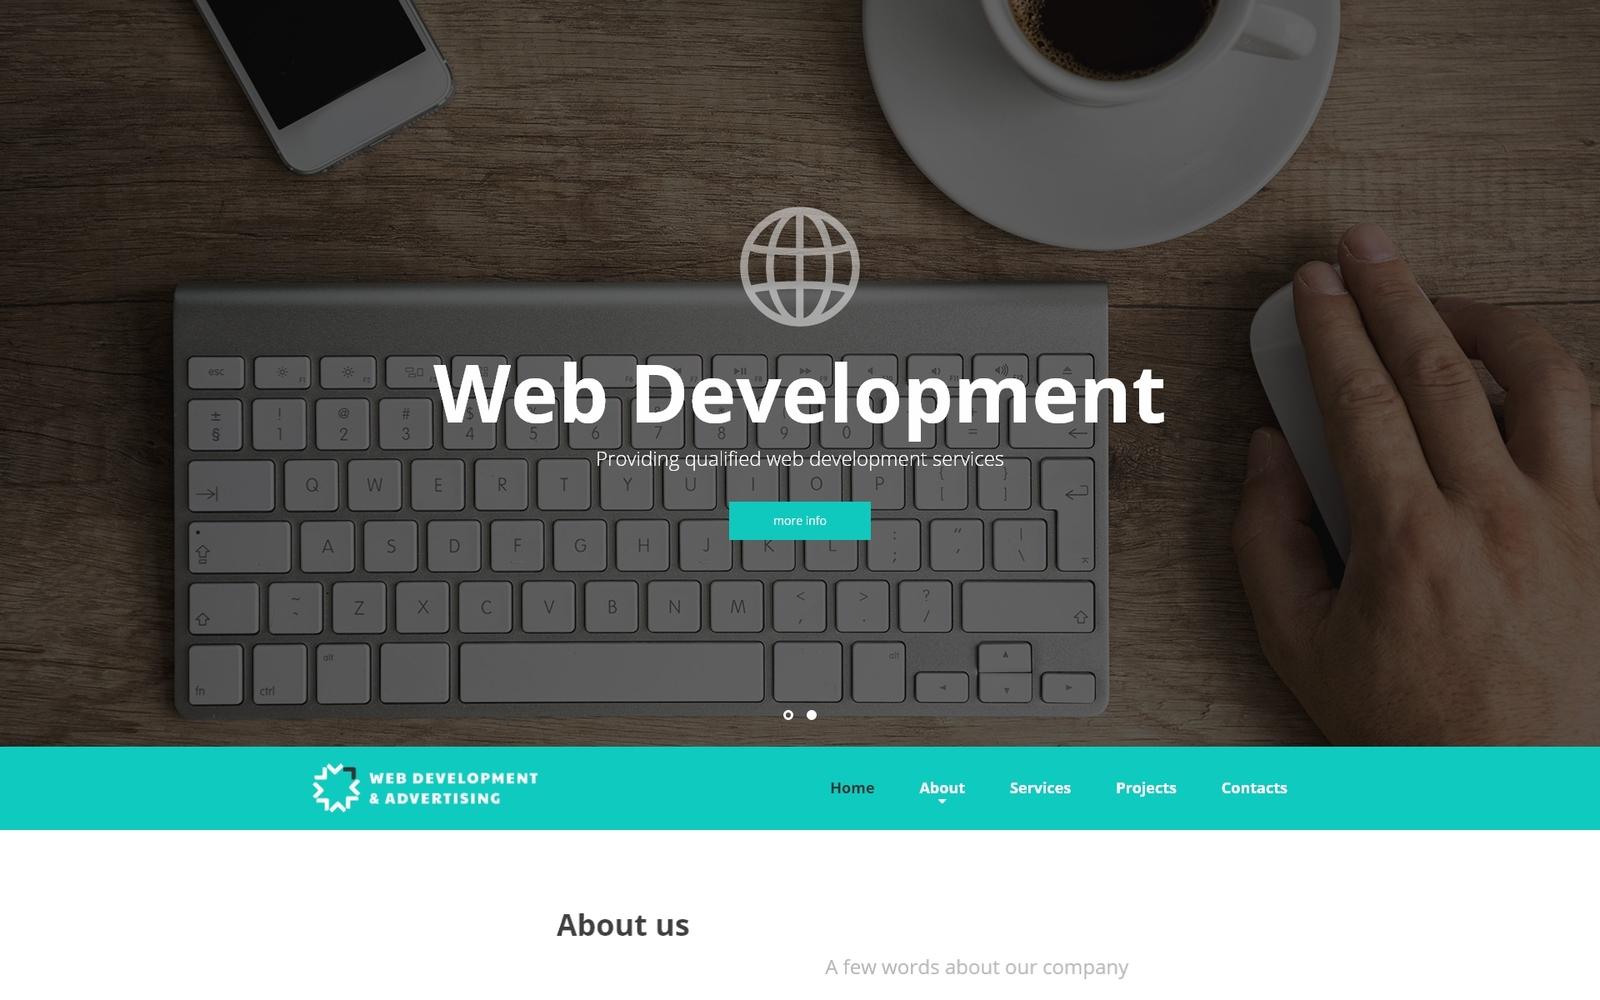 Responsivt Web Development & Advertising - Web Development Responsive Website Template Hemsidemall #52537